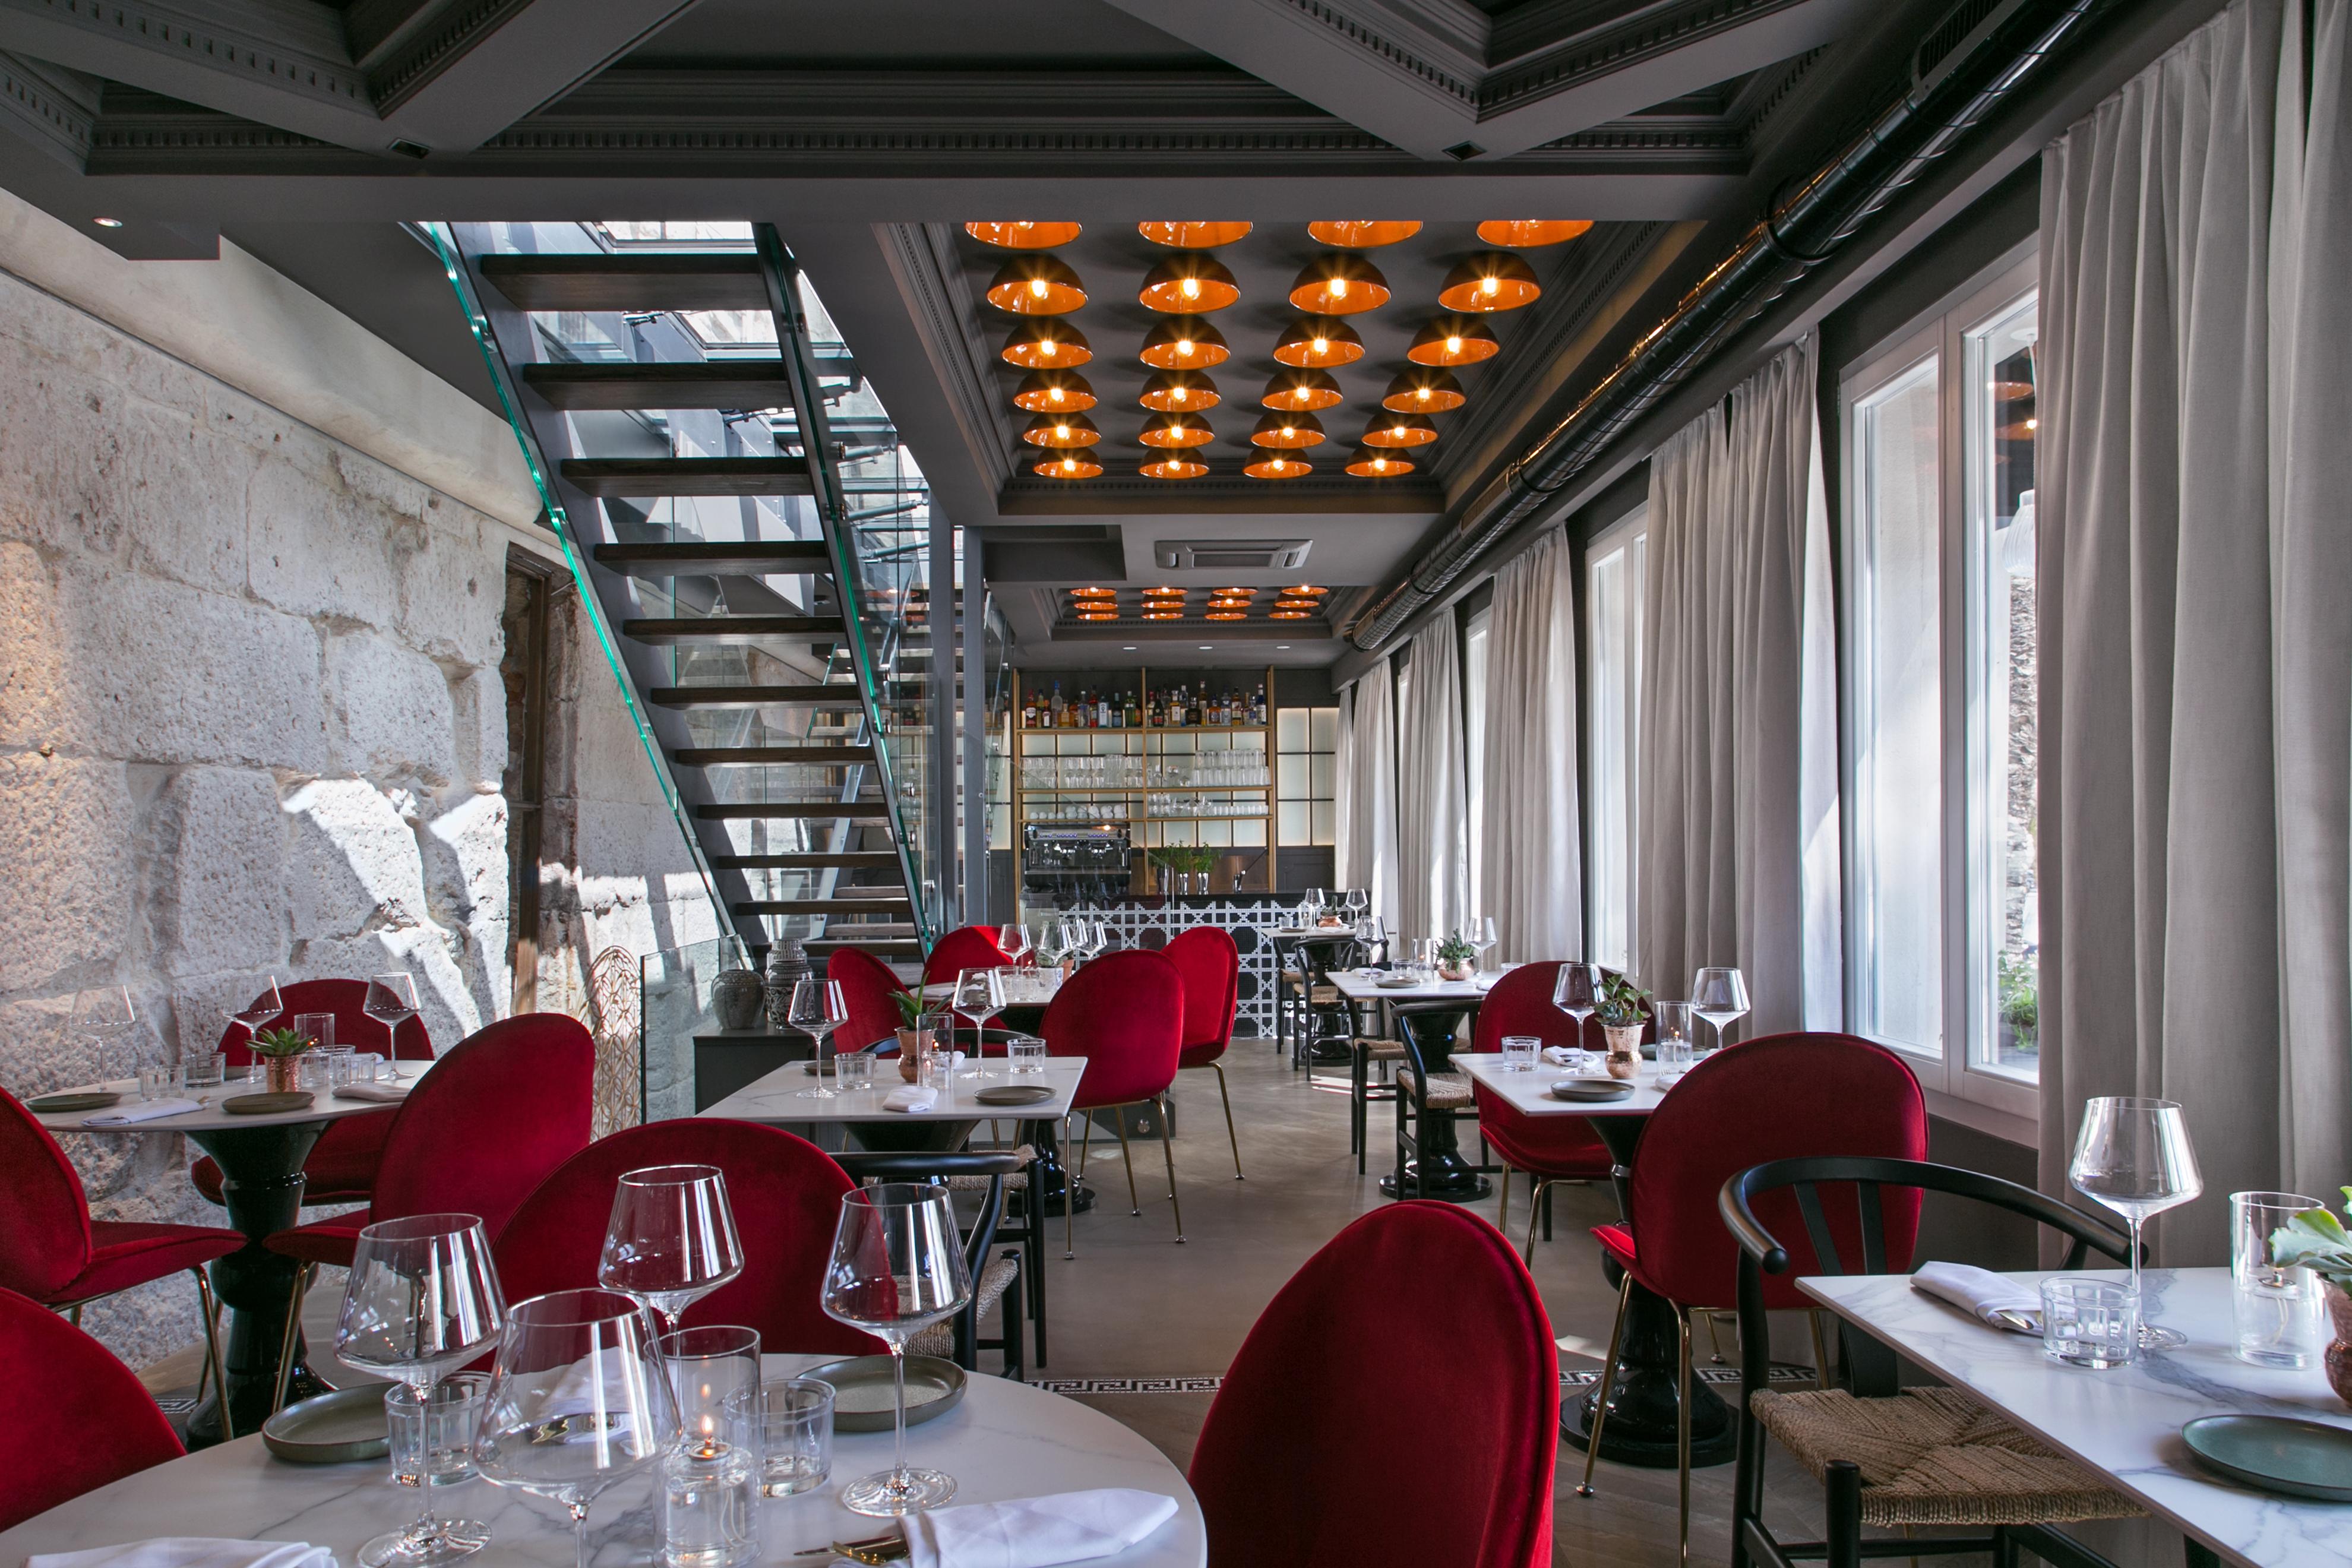 Mediterranean Restaurant -Split